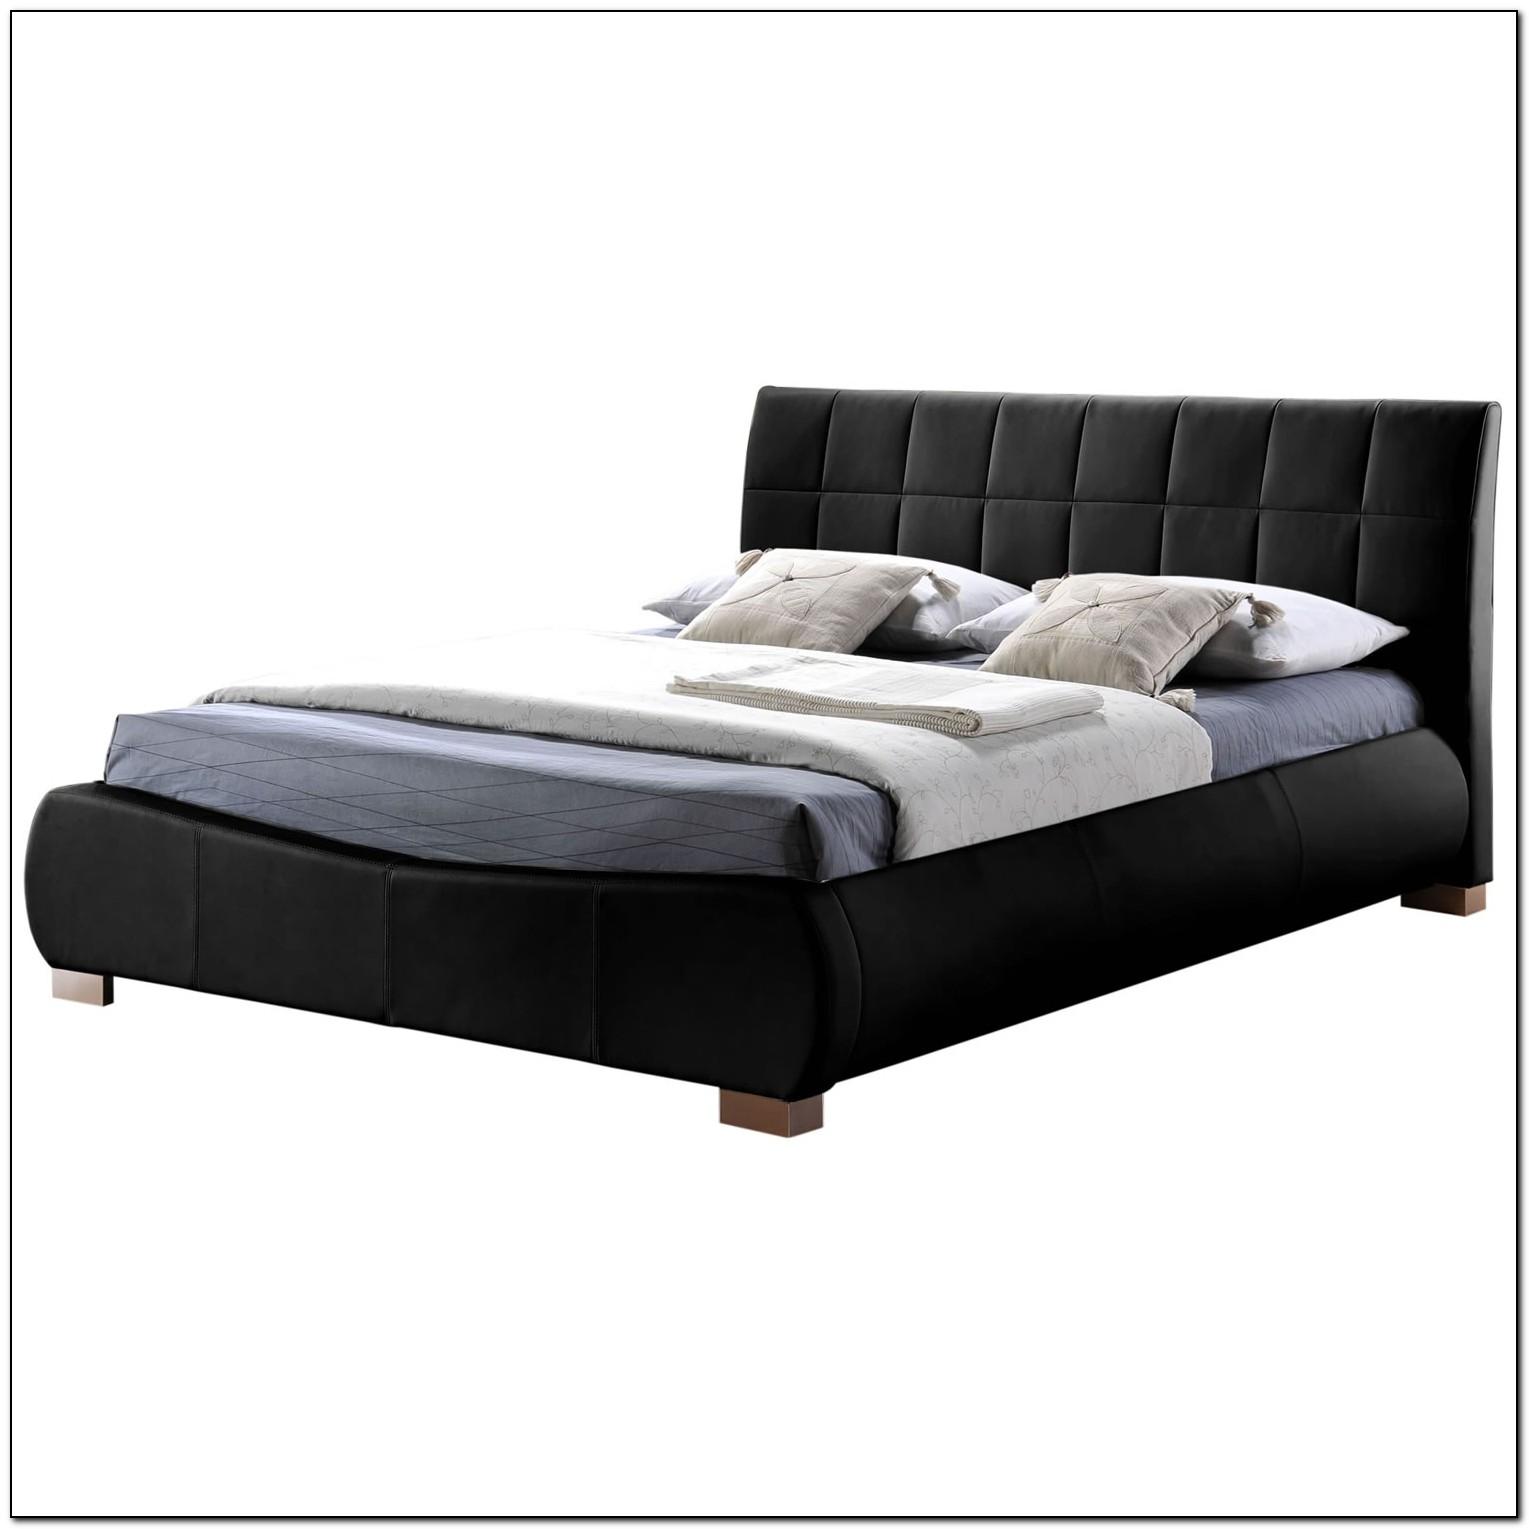 Black Leather Bed Frame